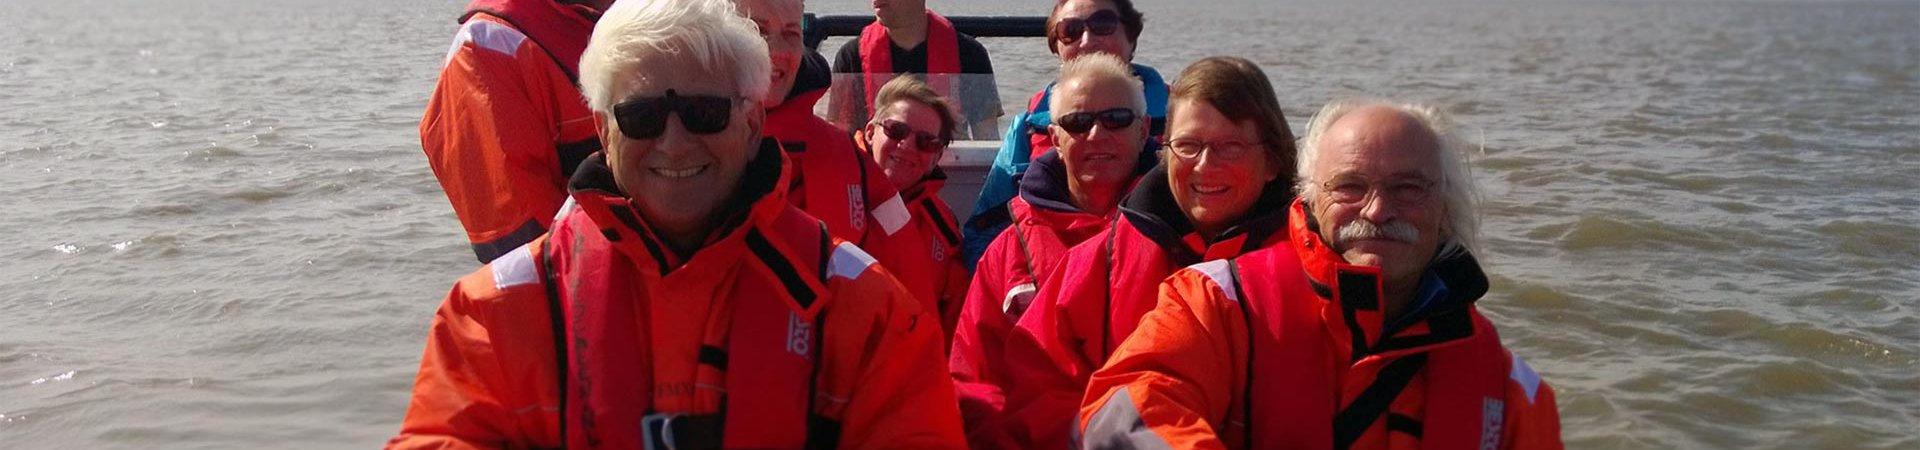 Bedrijfsuitje - varen op de waddenzee vanuit de Eemshaven en Delfzijl - Waddenribtochten